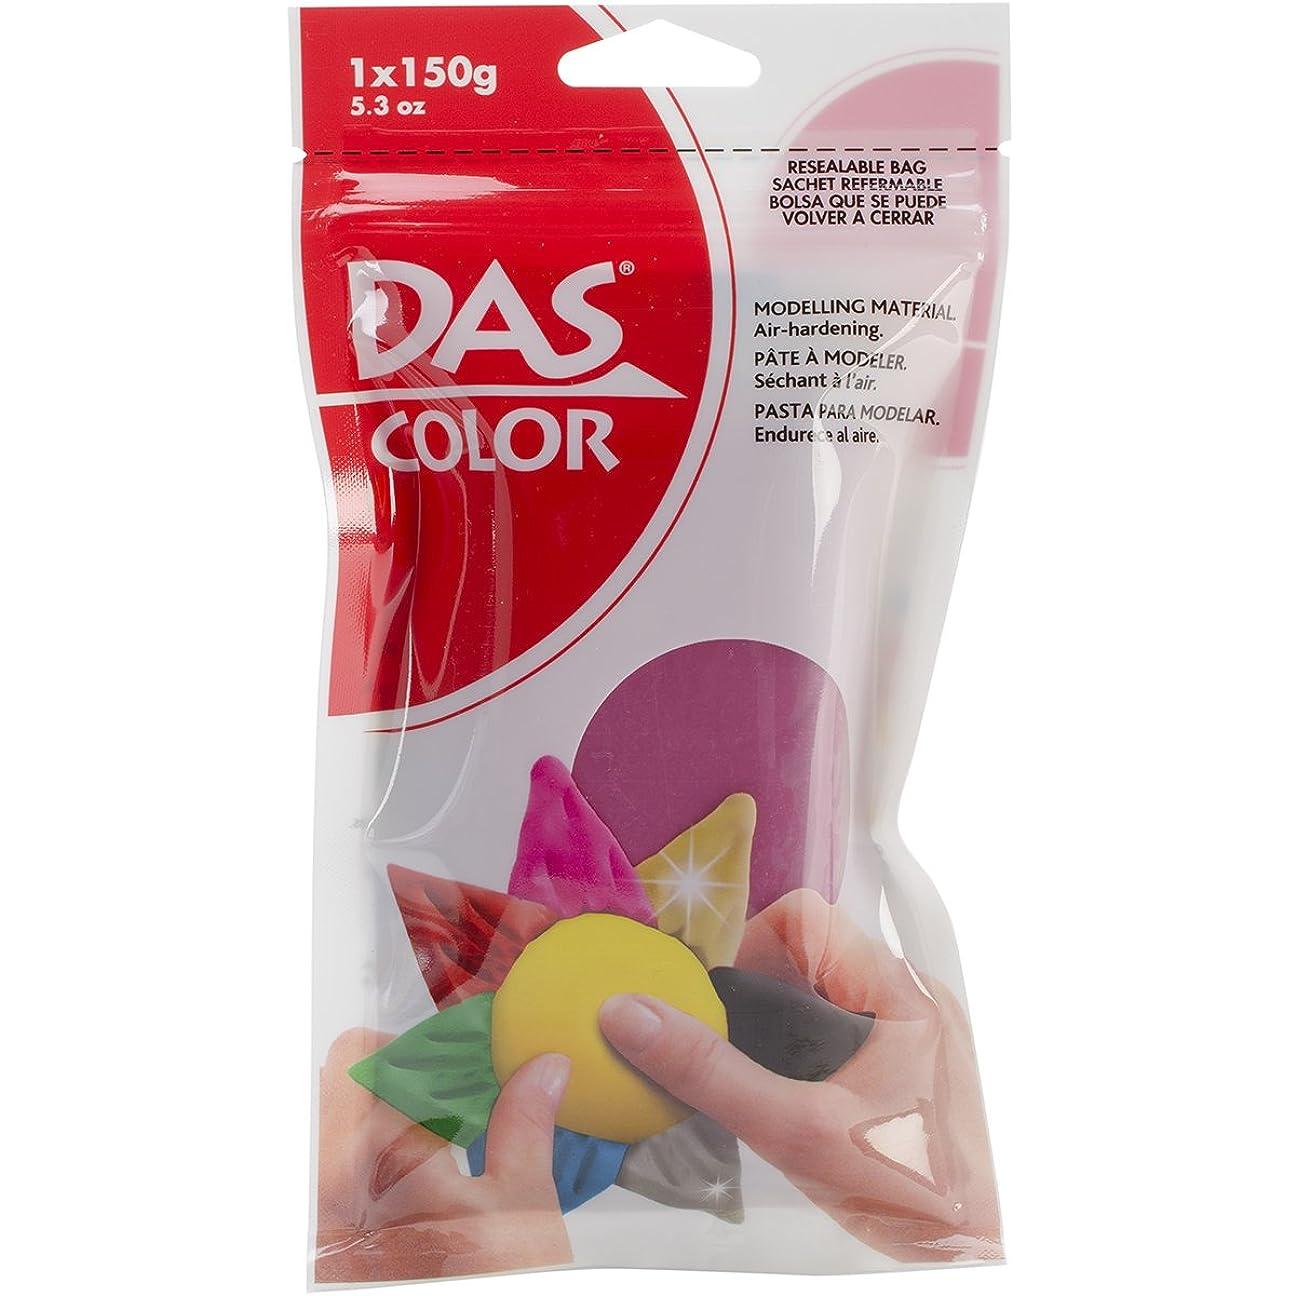 必需品レッスン指Das 色空気乾燥粘土 5.3 オンス マゼンタ